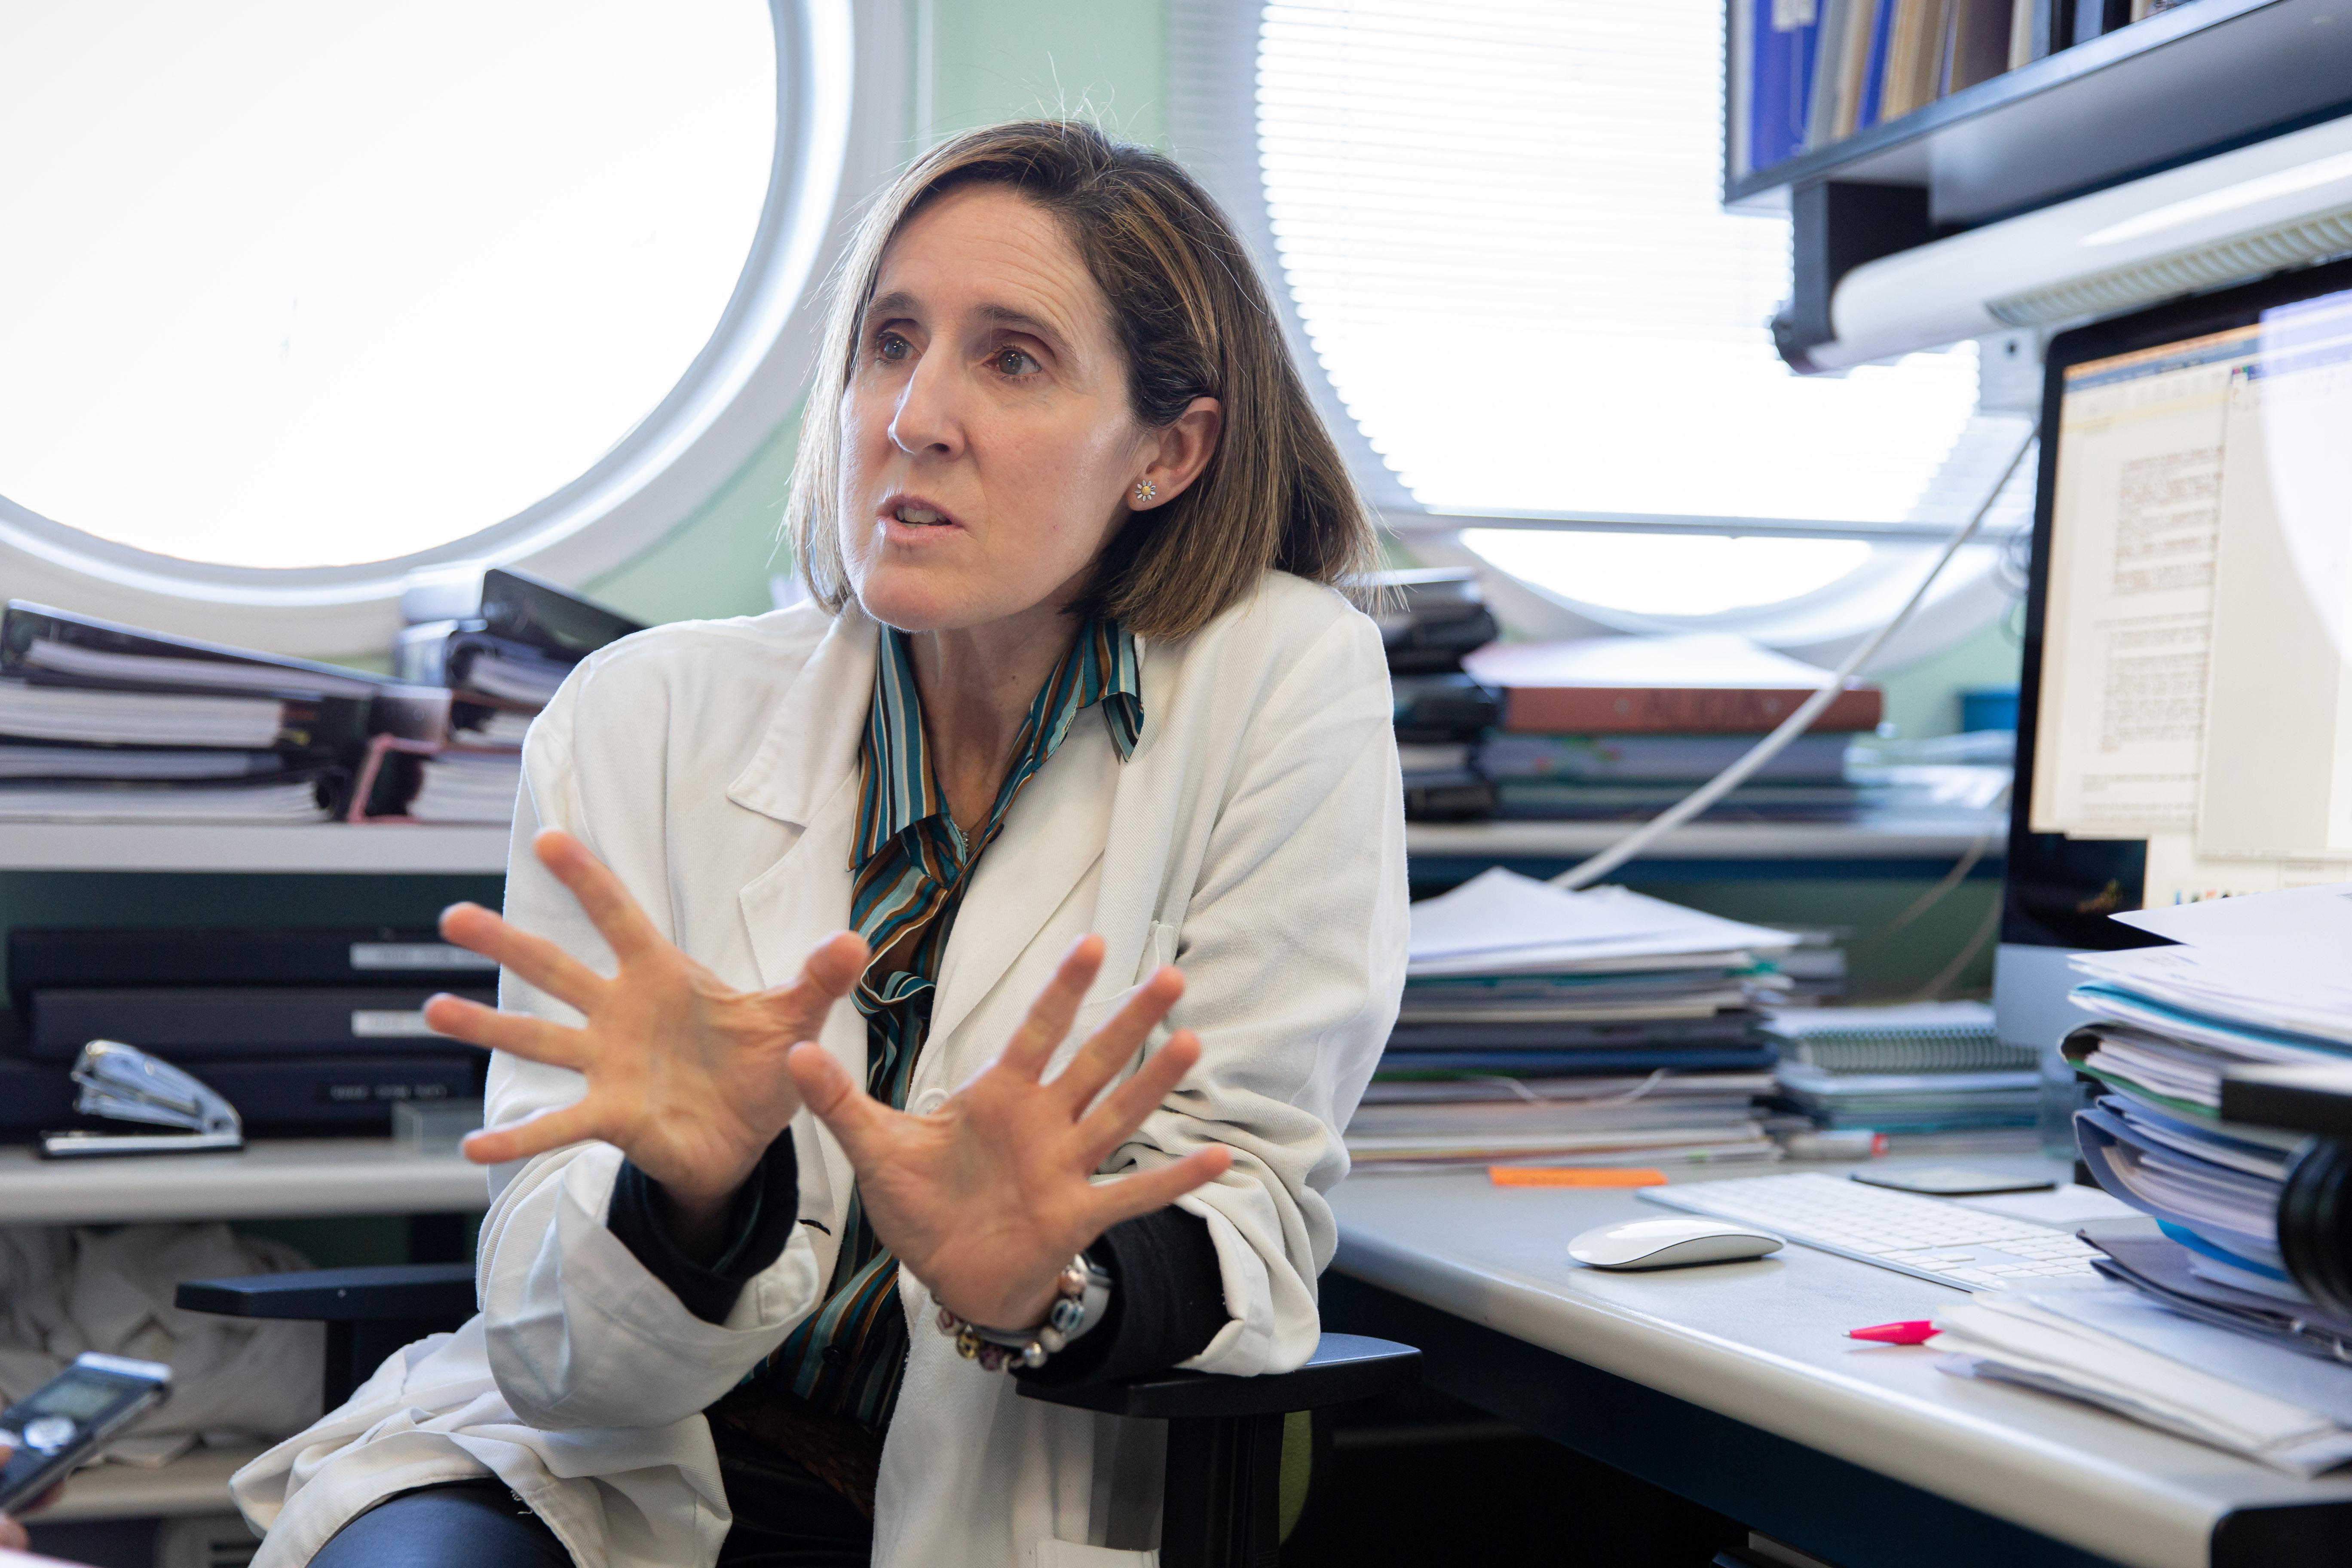 imagen de La viróloga Isabel Sola, del laboratorio de coronavirus del CNB-CSIC. / Agencia SINC